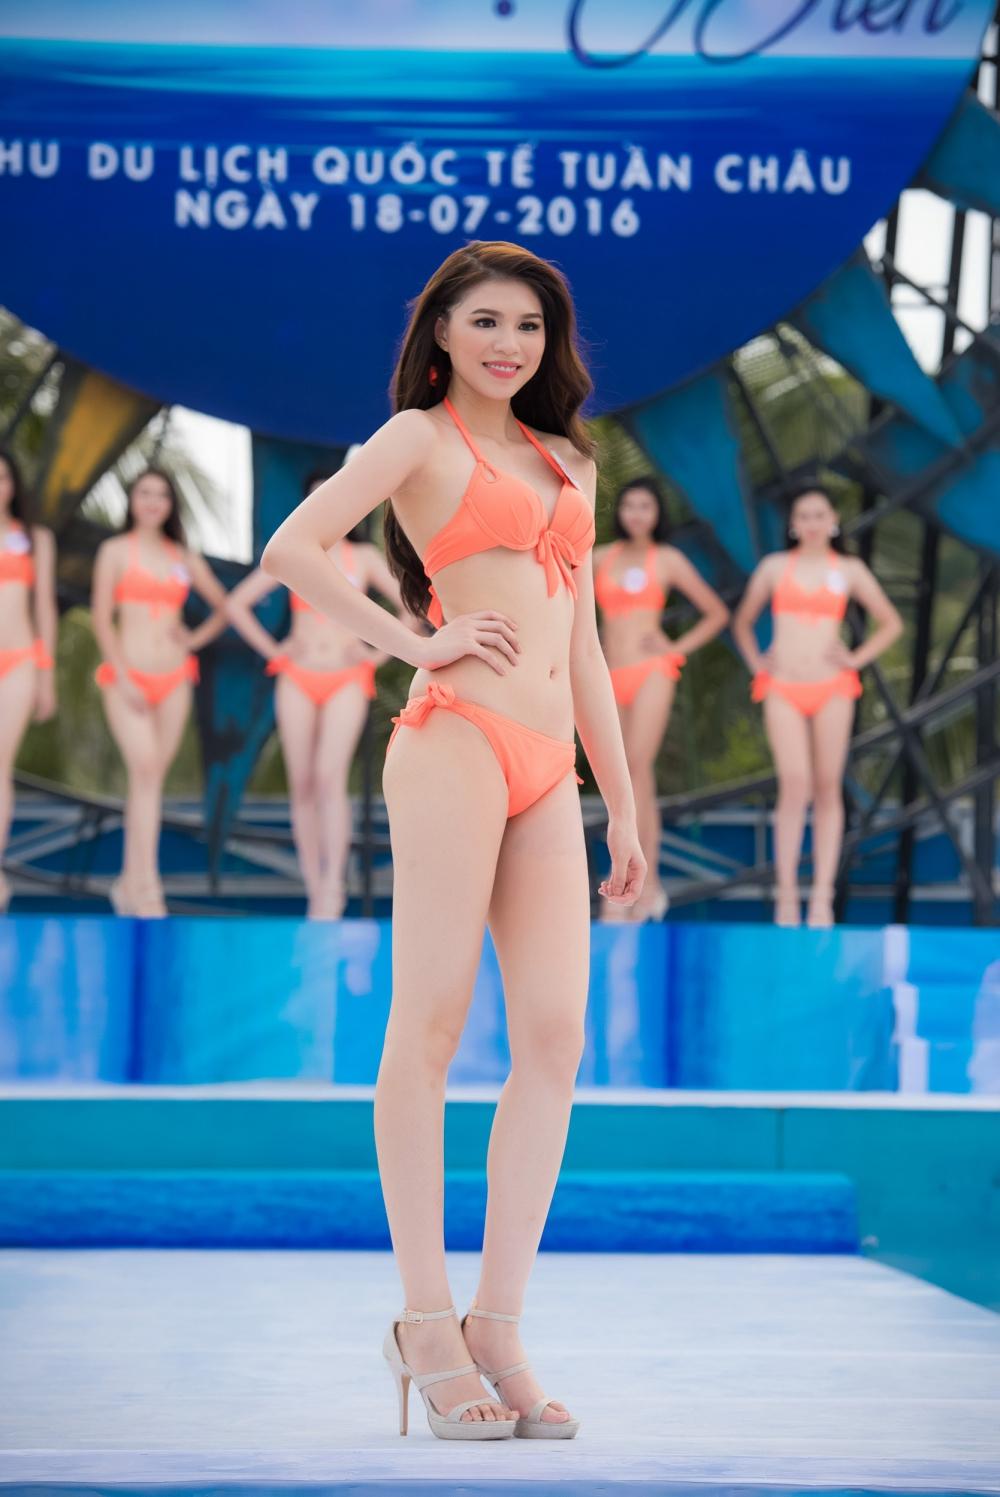 28 - Nguyen Cat Nhien SBD 188 b